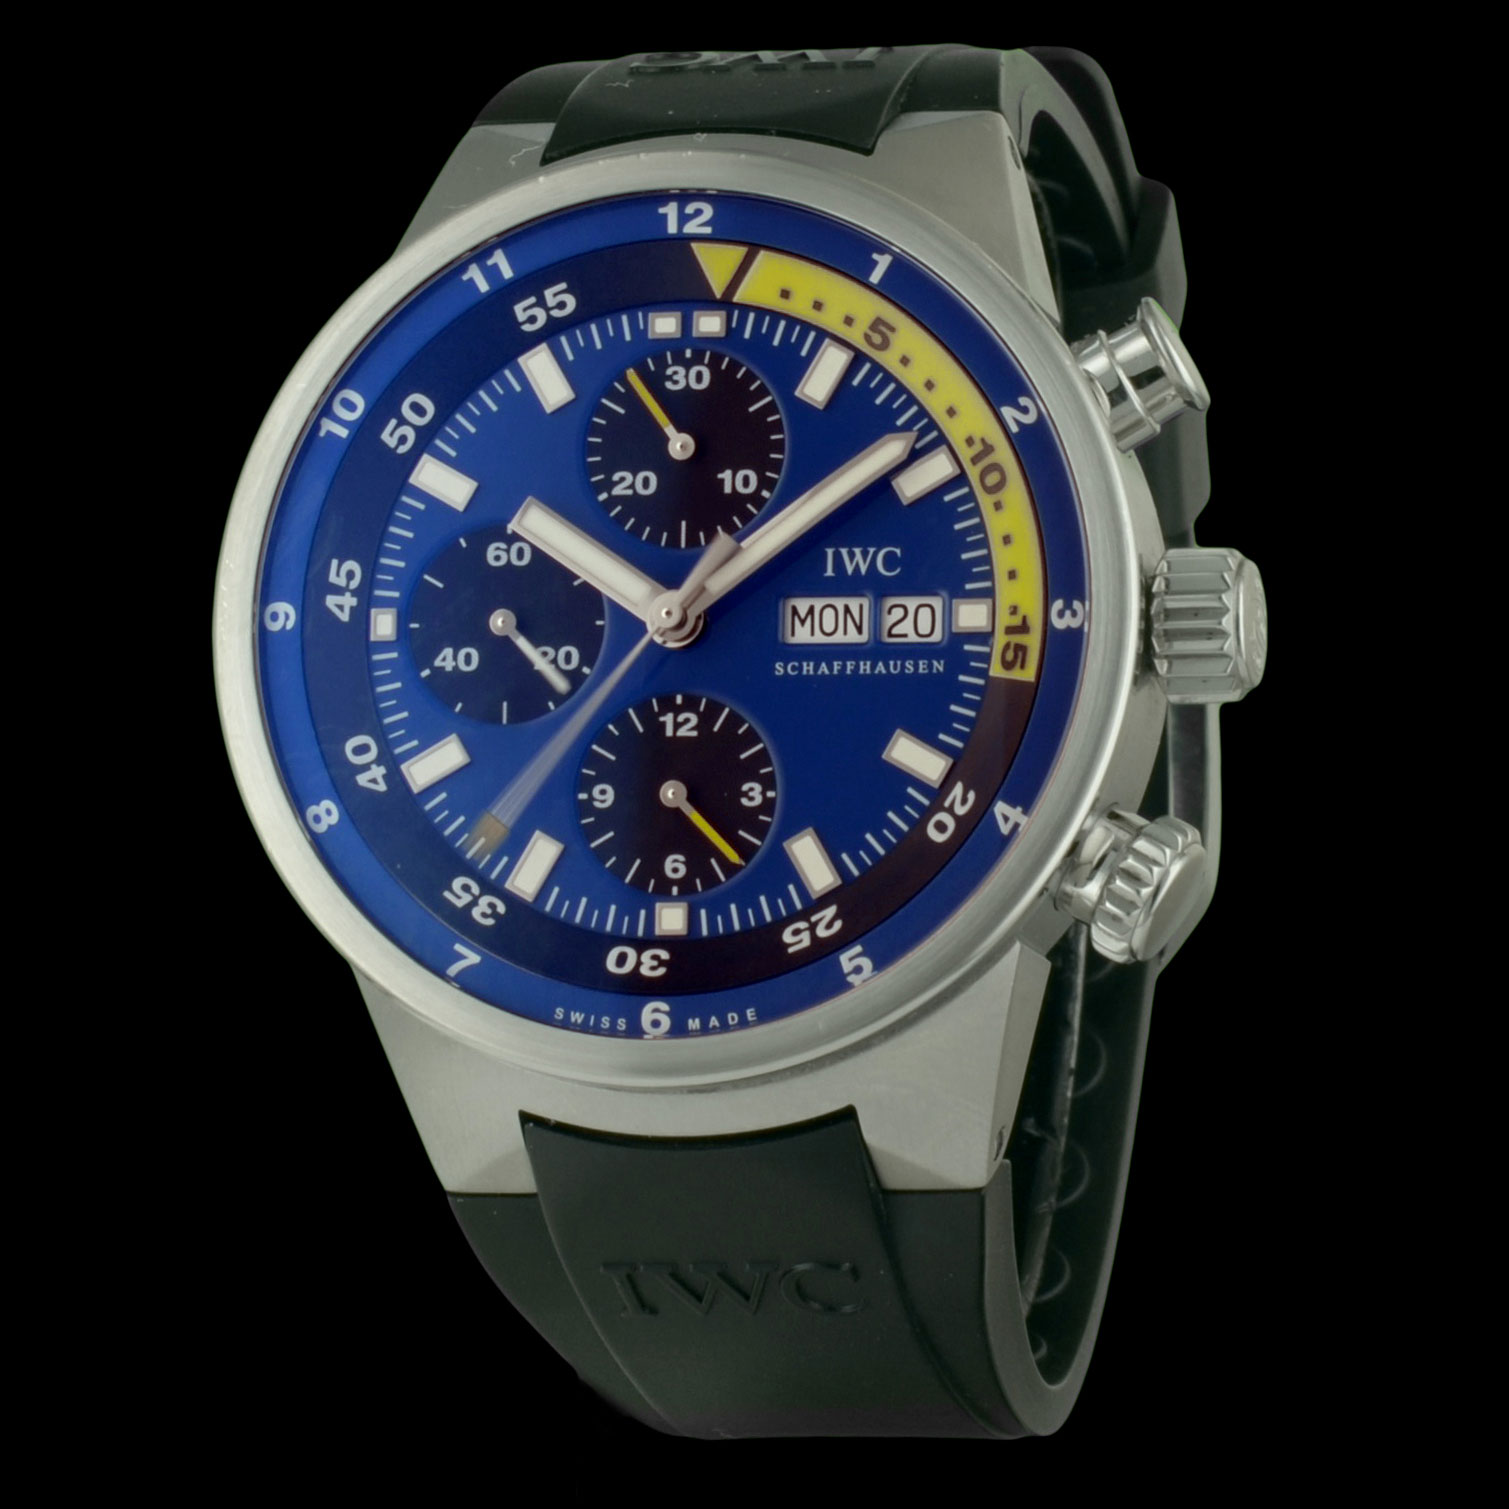 zoom_1-montre-iwc-cousteau-divers-chronographe-24986 montre de luxe d'occasion cresus